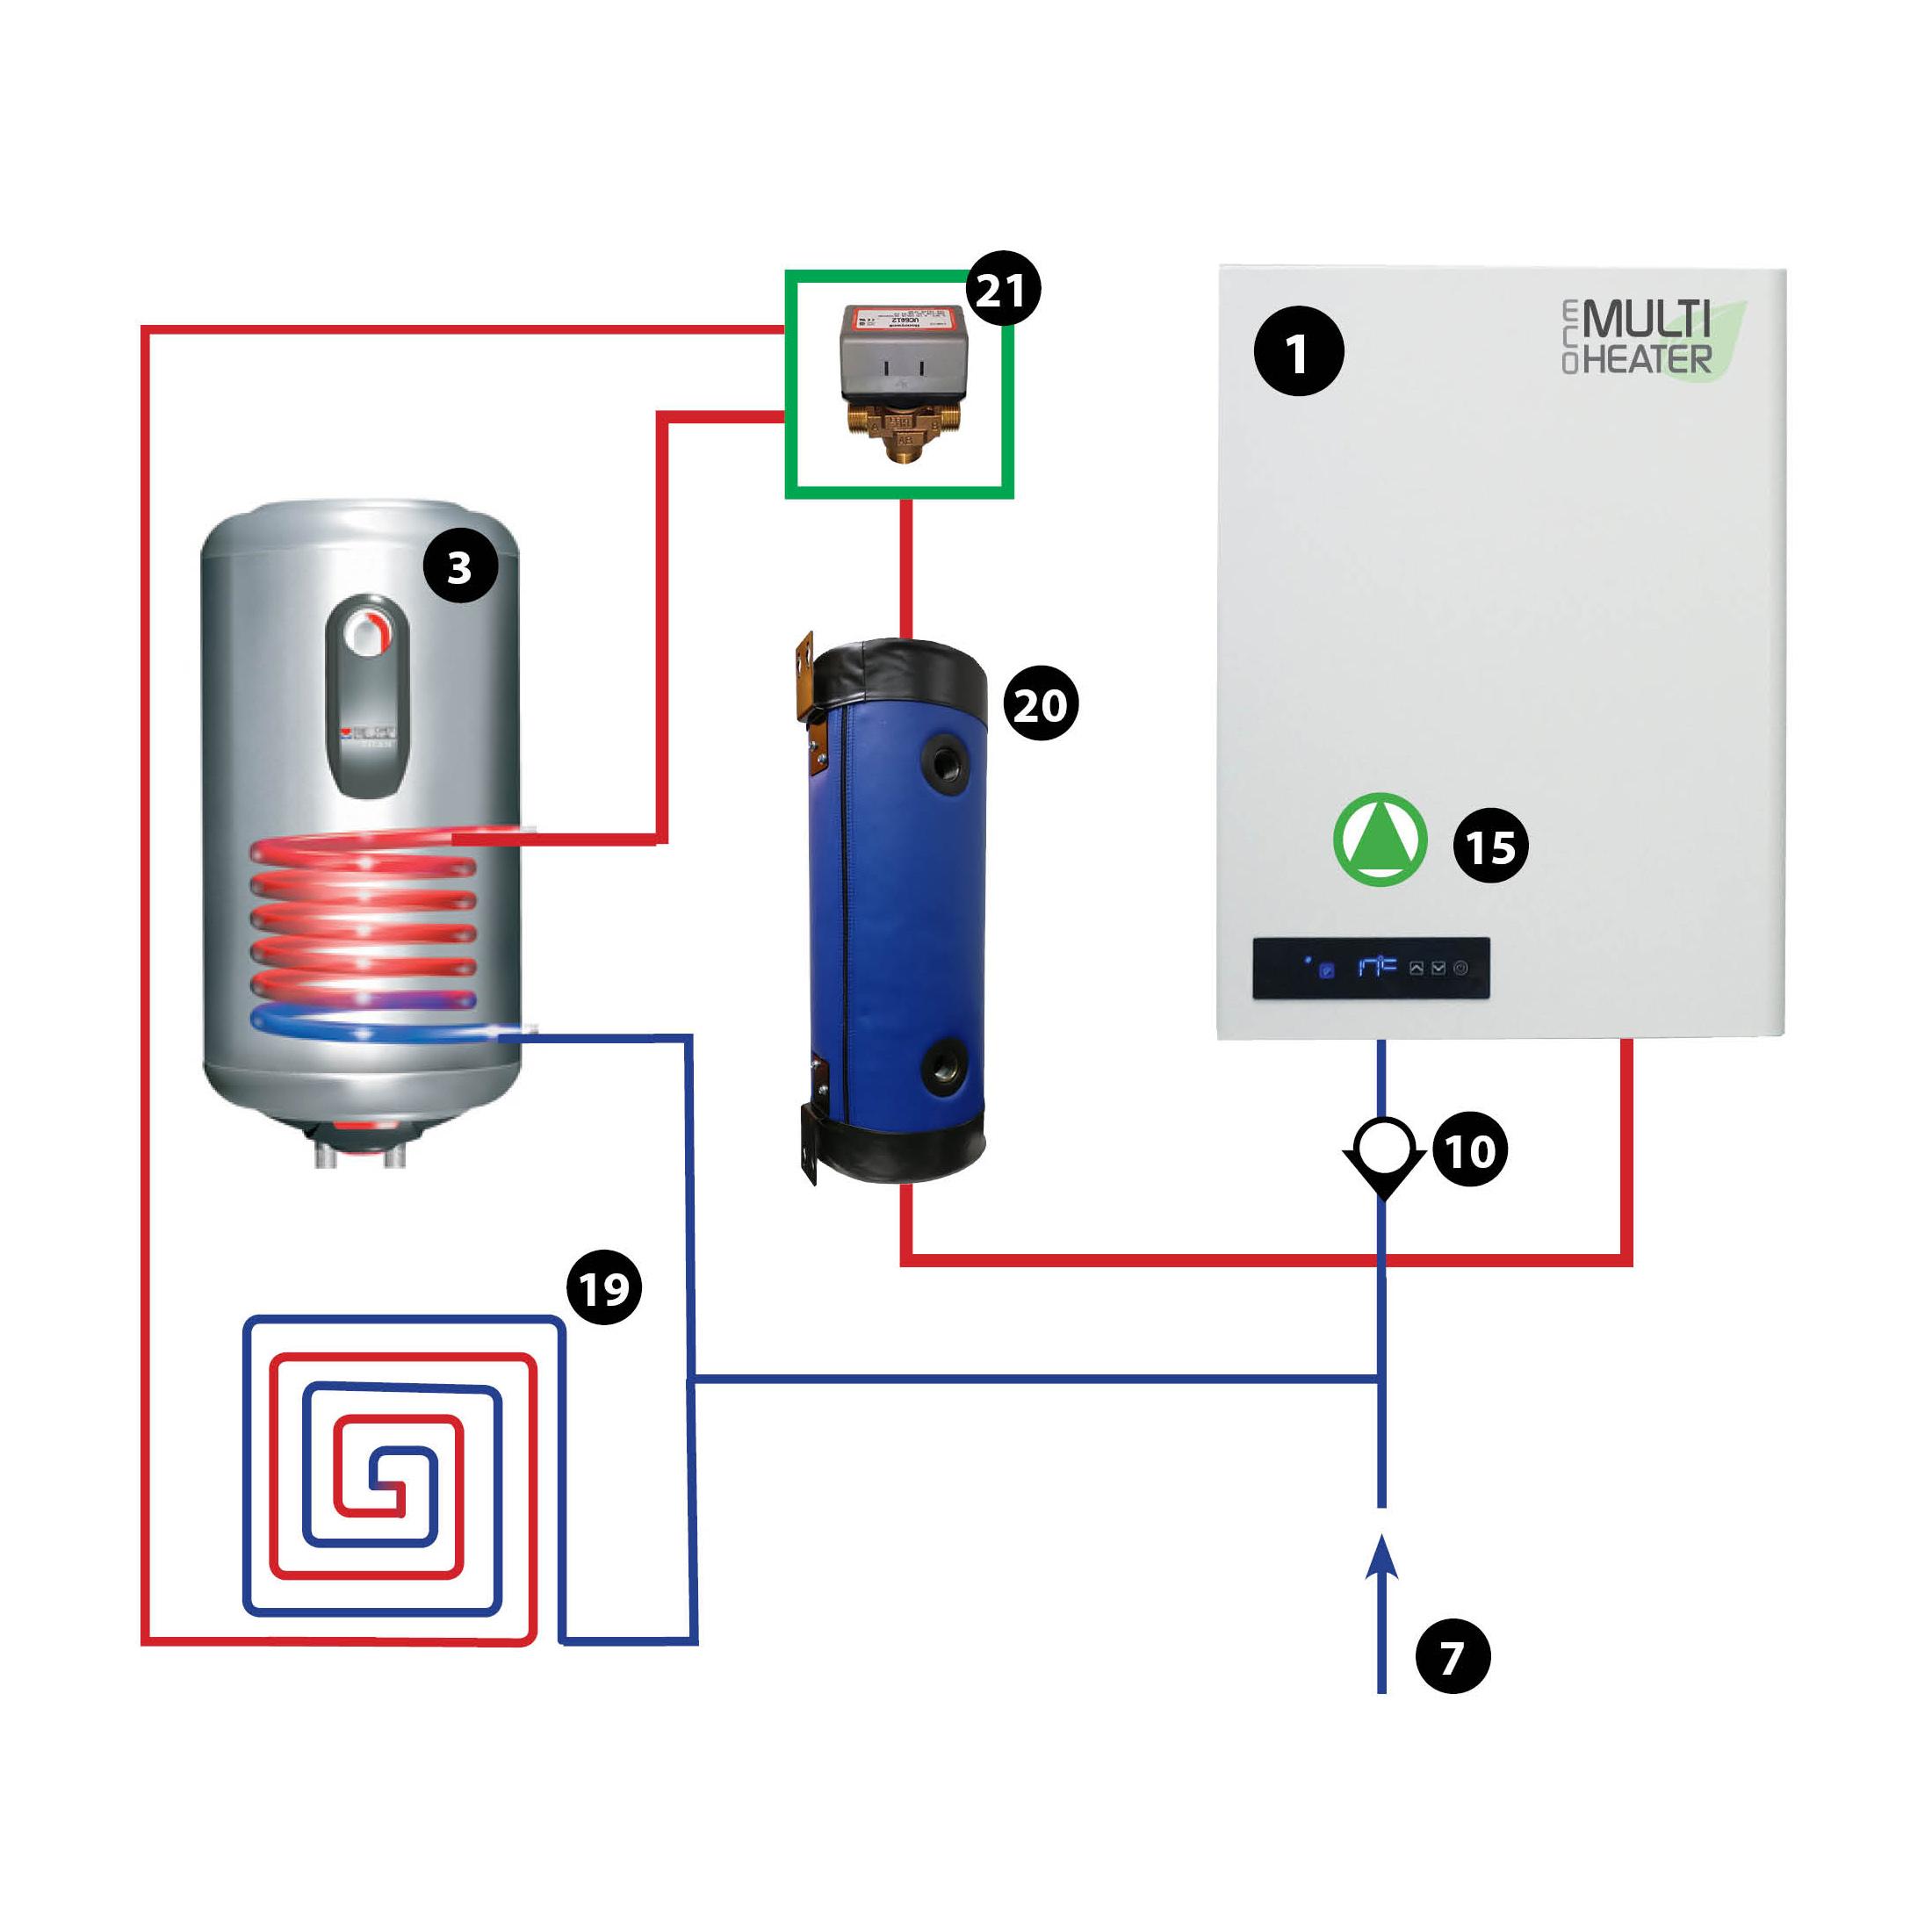 Poistoilmalämpöpumppu eli PILP lämmittää käyttöveden ja lattialämmityksen. PILP hoitaa samalla asunnon ilmanvaihdon ja sisäilma on terveellinen.